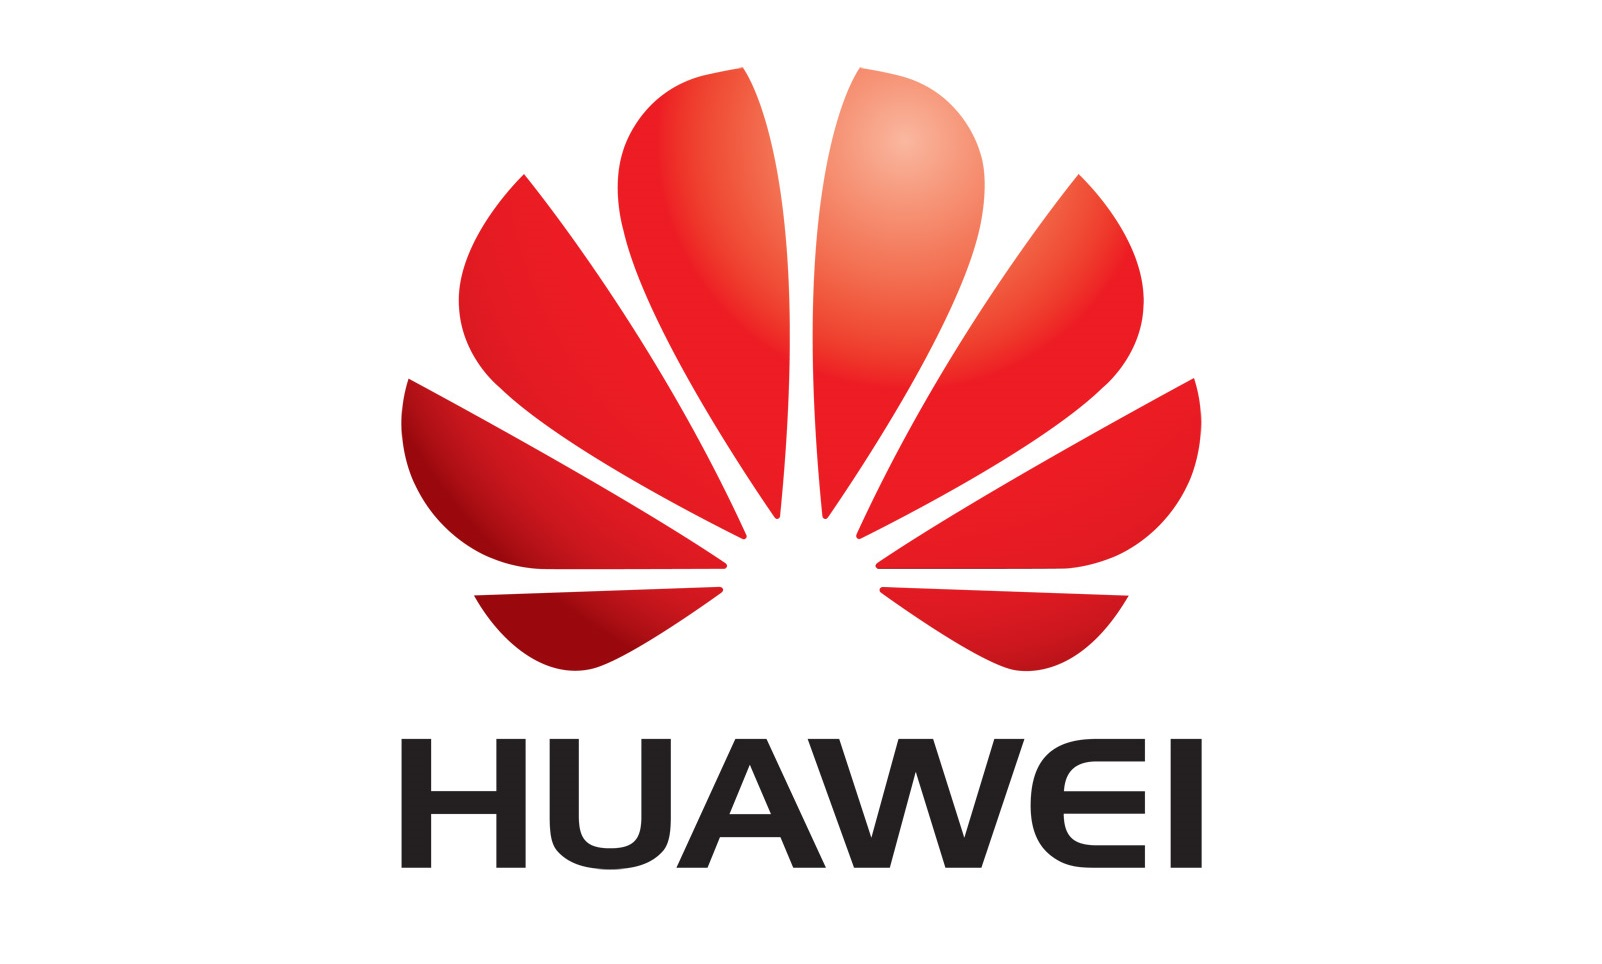 Huawei_logo_vector